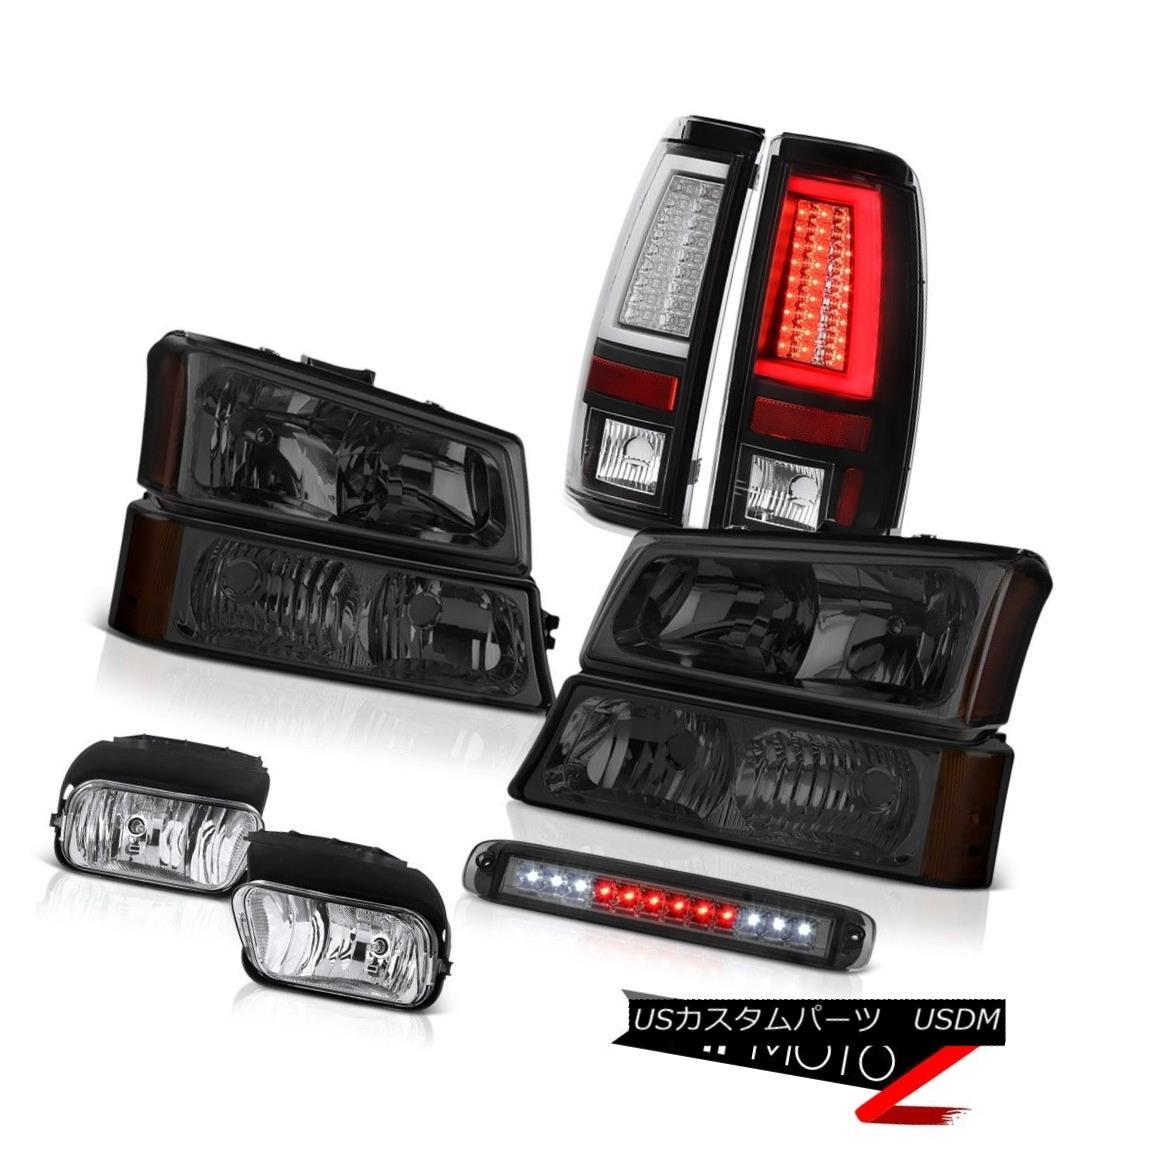 テールライト 03-06 Chevy Silverado Rear Brake Lamps High Stop Light Headlights Chrome Fog LED 03-06 Chevy SilveradoリアブレーキランプハイストップライトヘッドライトクロームフォグLED